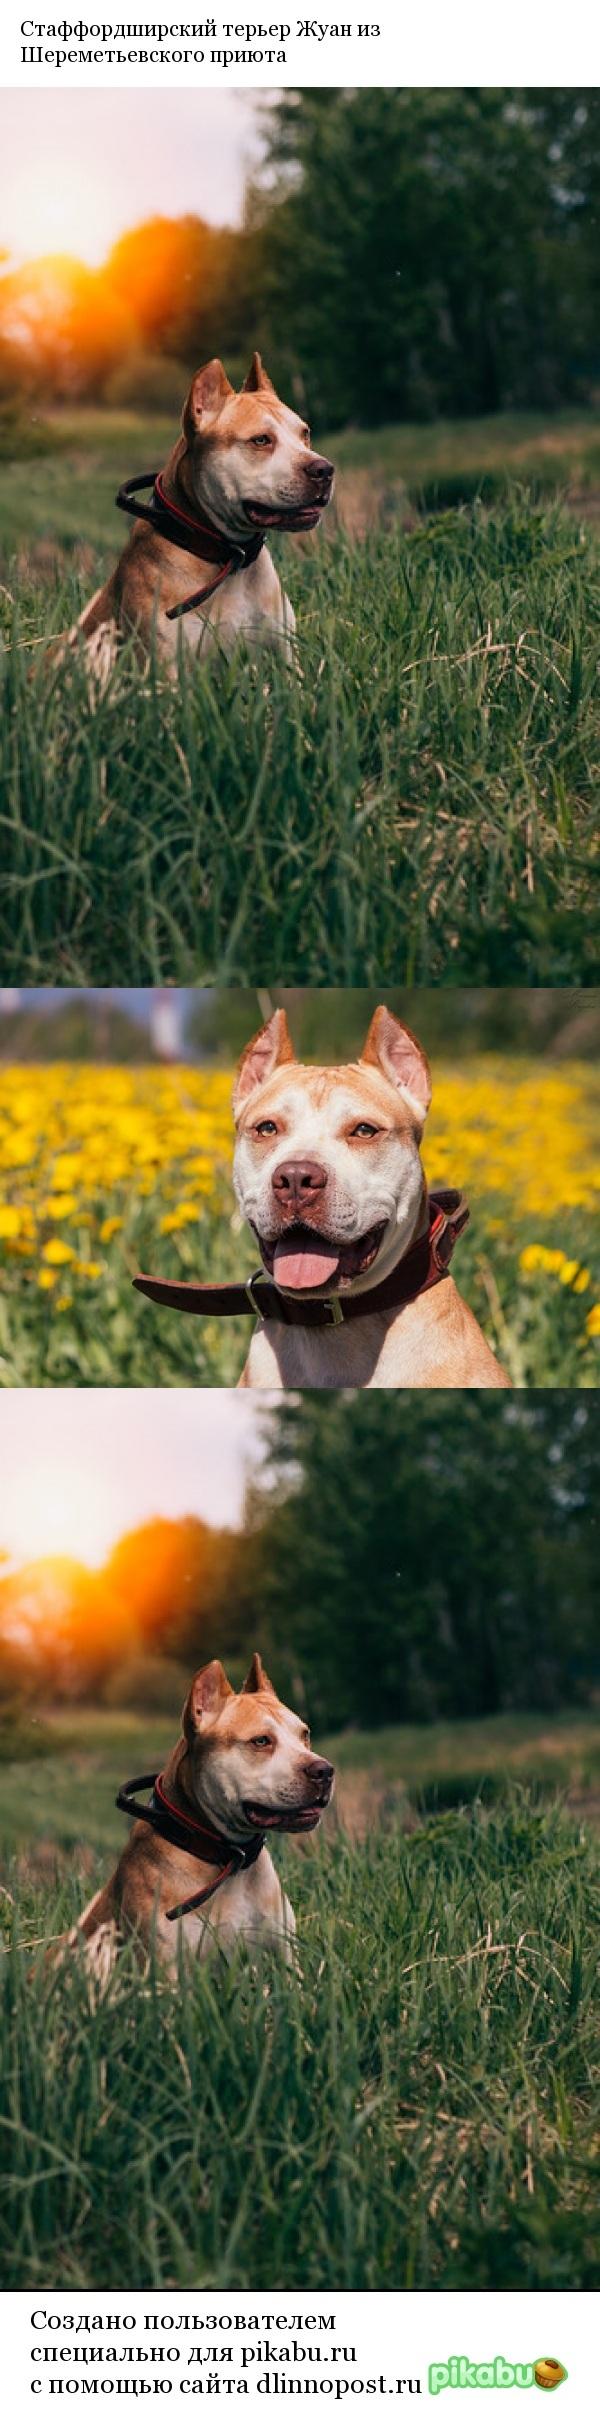 Собаки Шереметьевского приюта. Очередная часть стаффорд, стаффордширский терьер, Собака, приют для животных, благотворительность, помощь животным, длиннопост